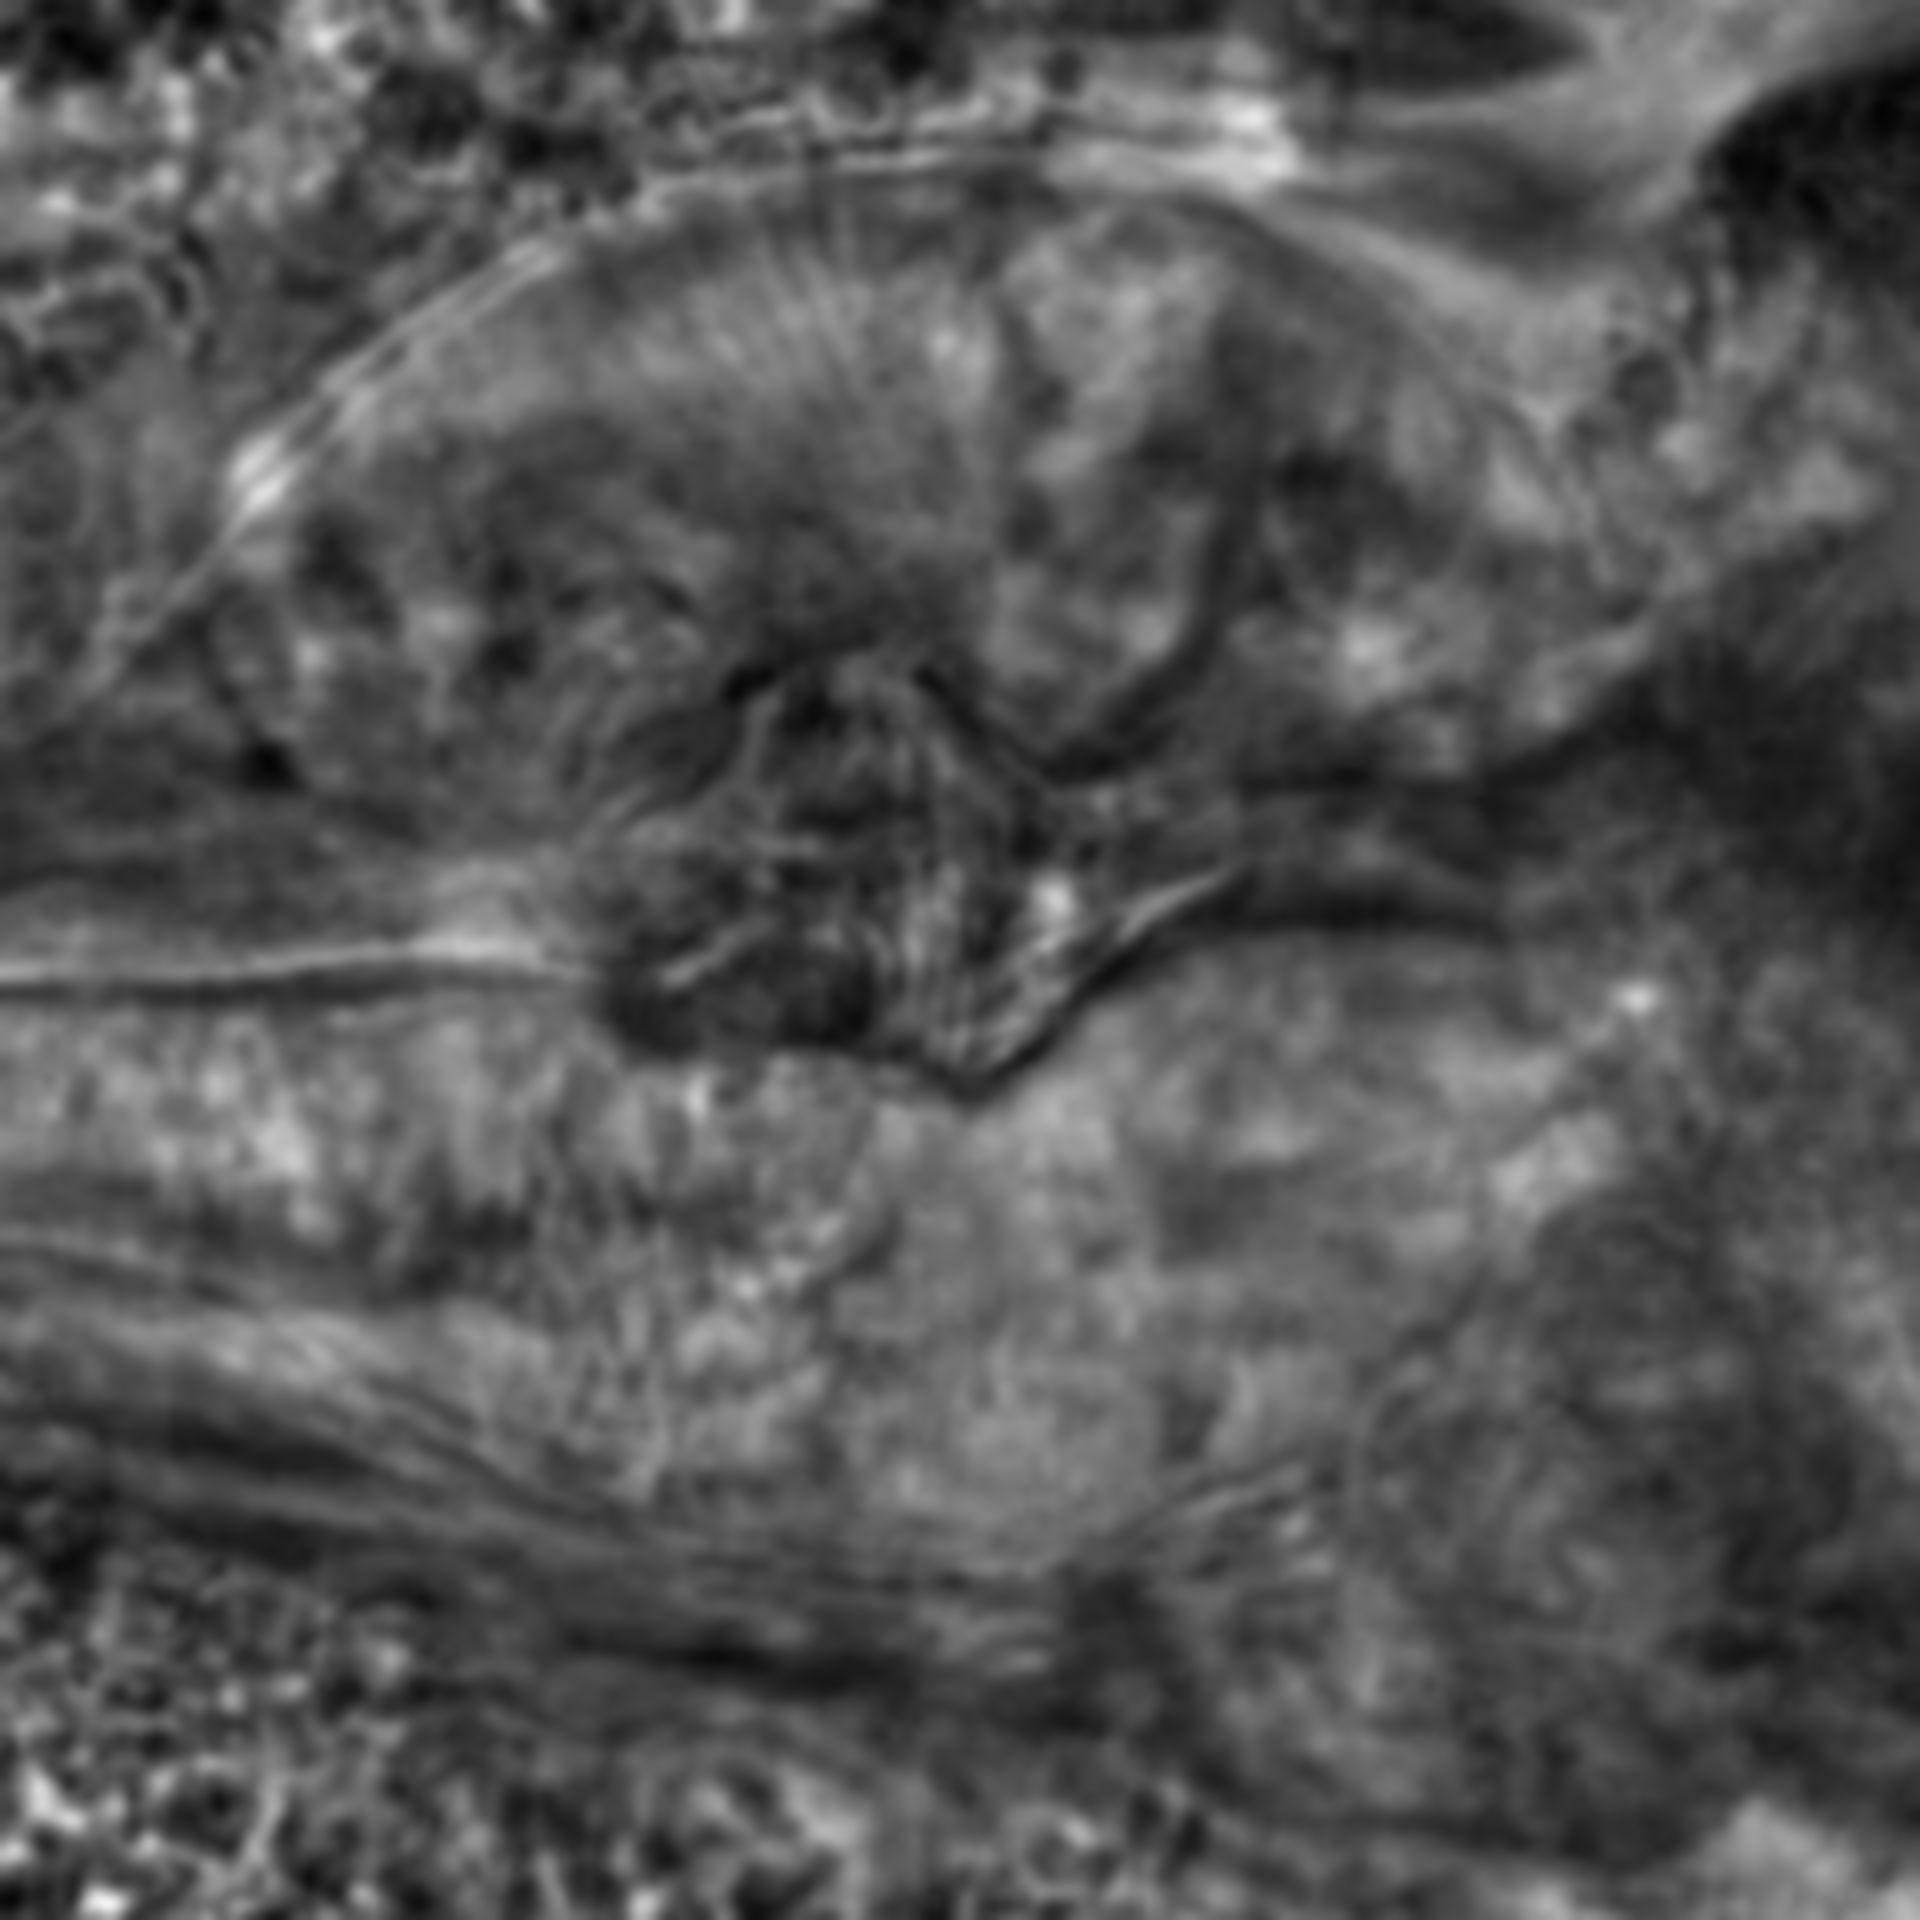 Caenorhabditis elegans - CIL:2282